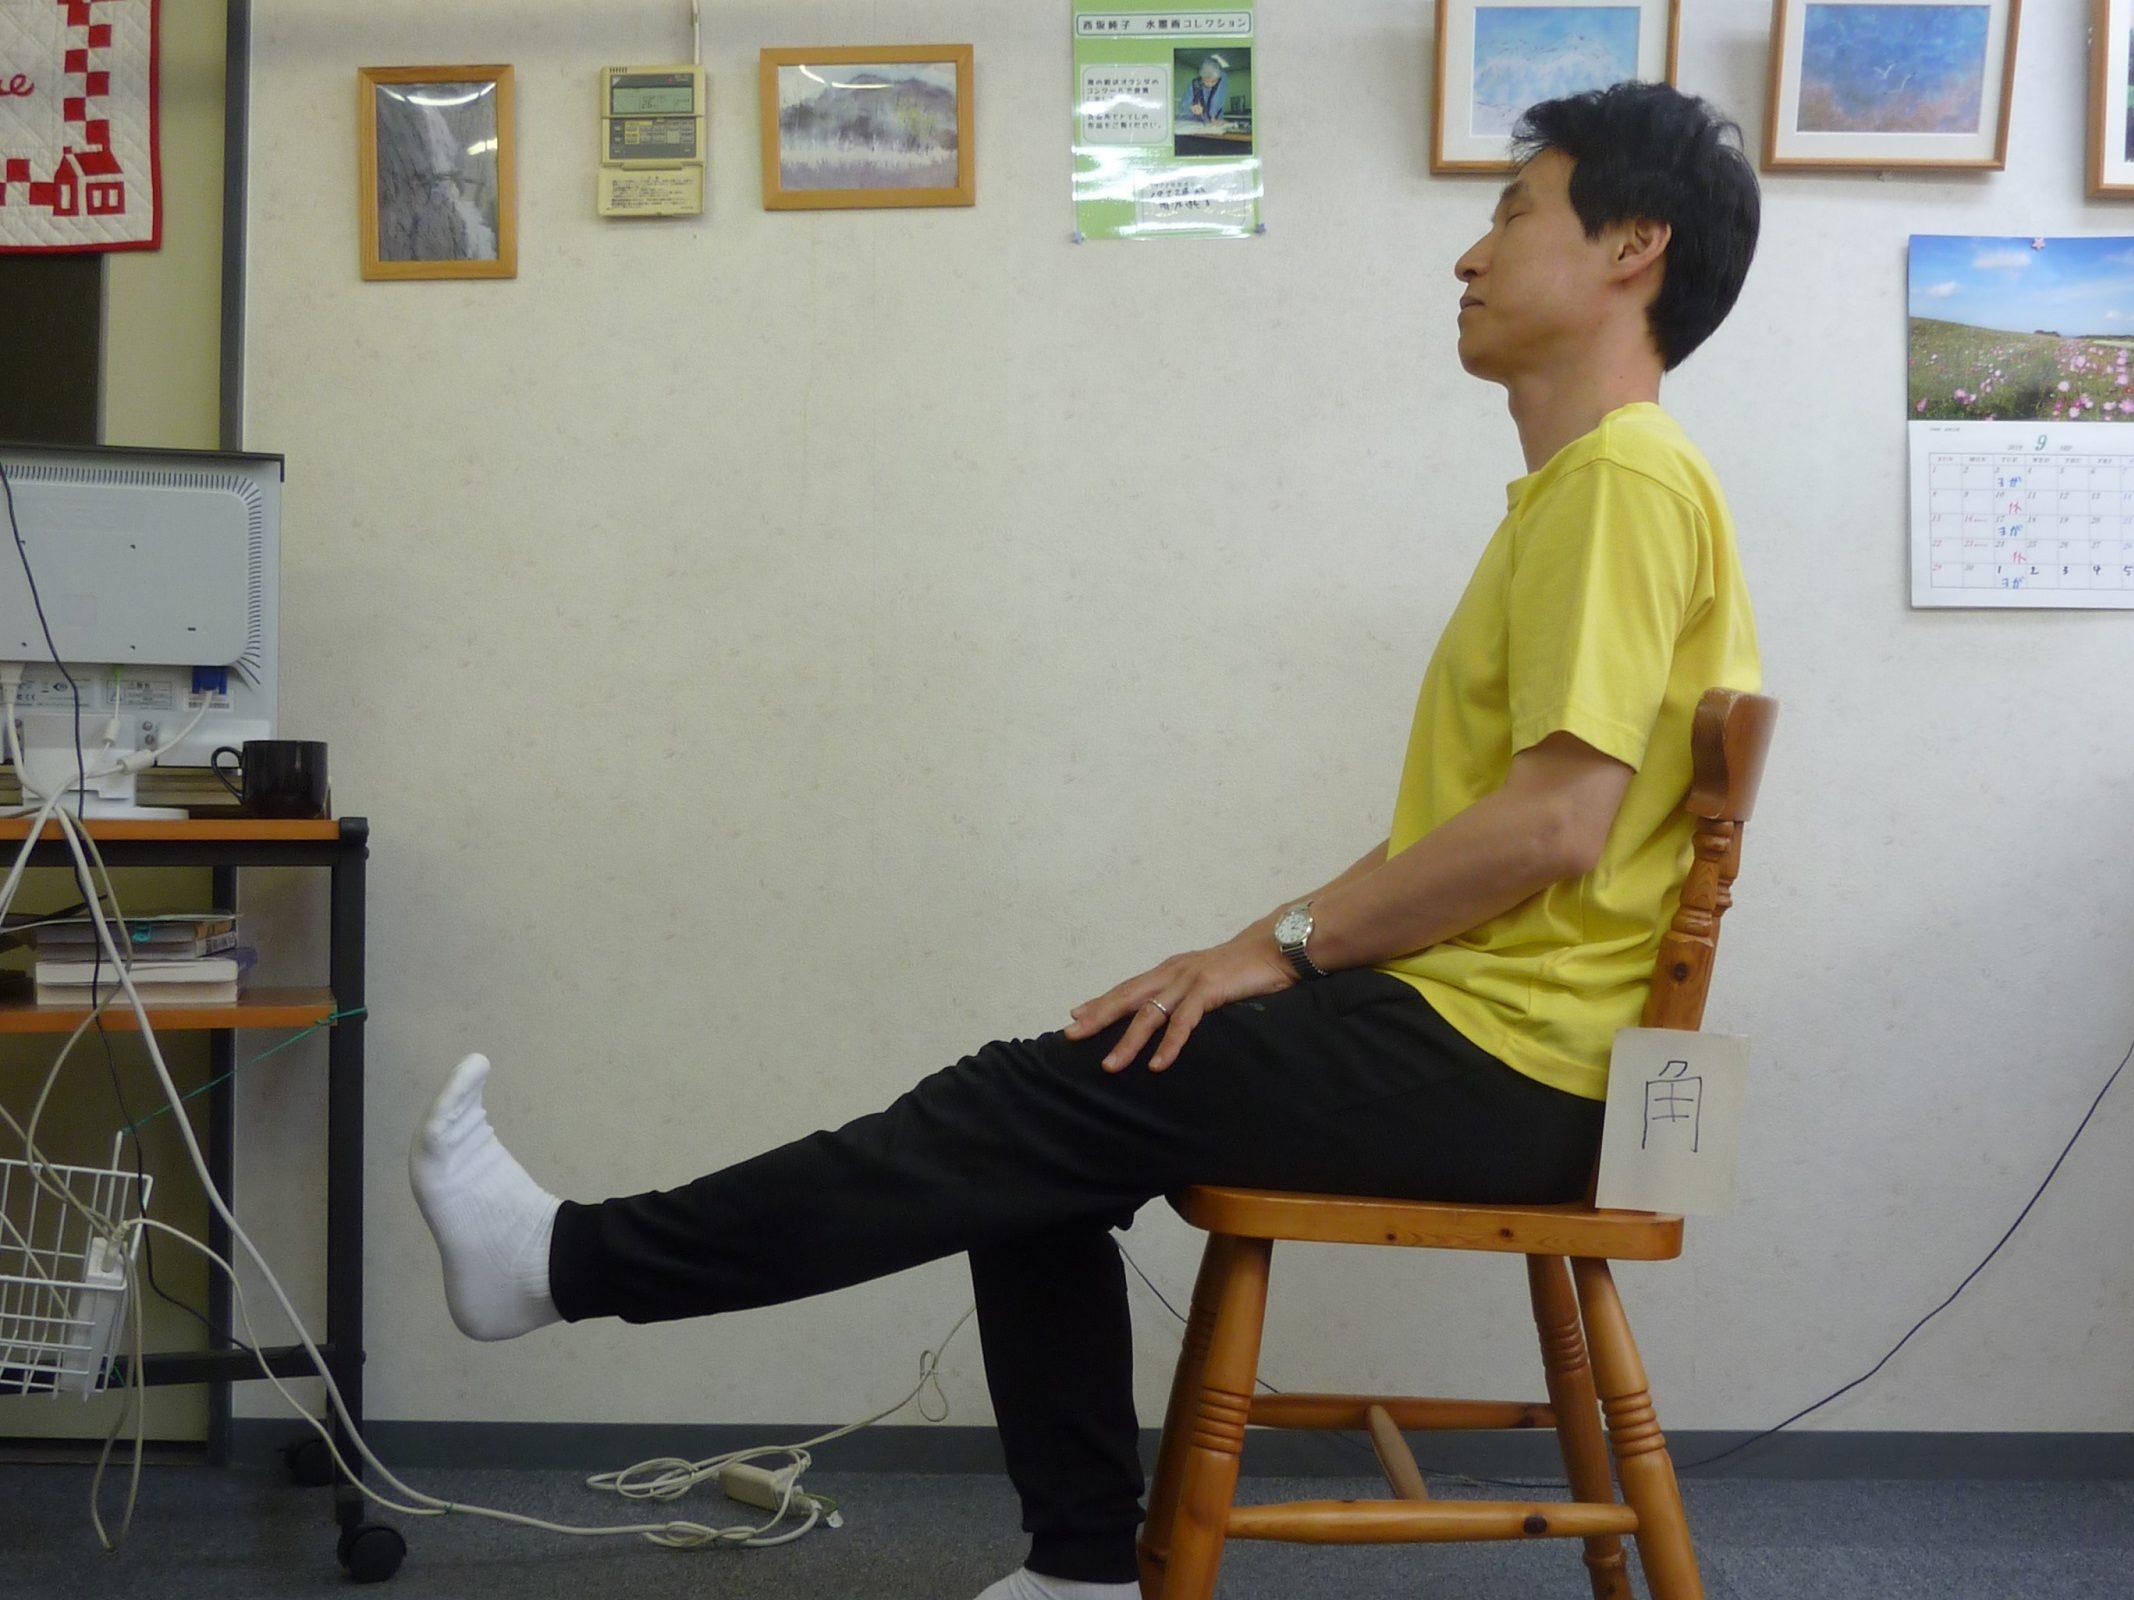 椅子に座った人がひざ下を伸ばすエクササイズをしています